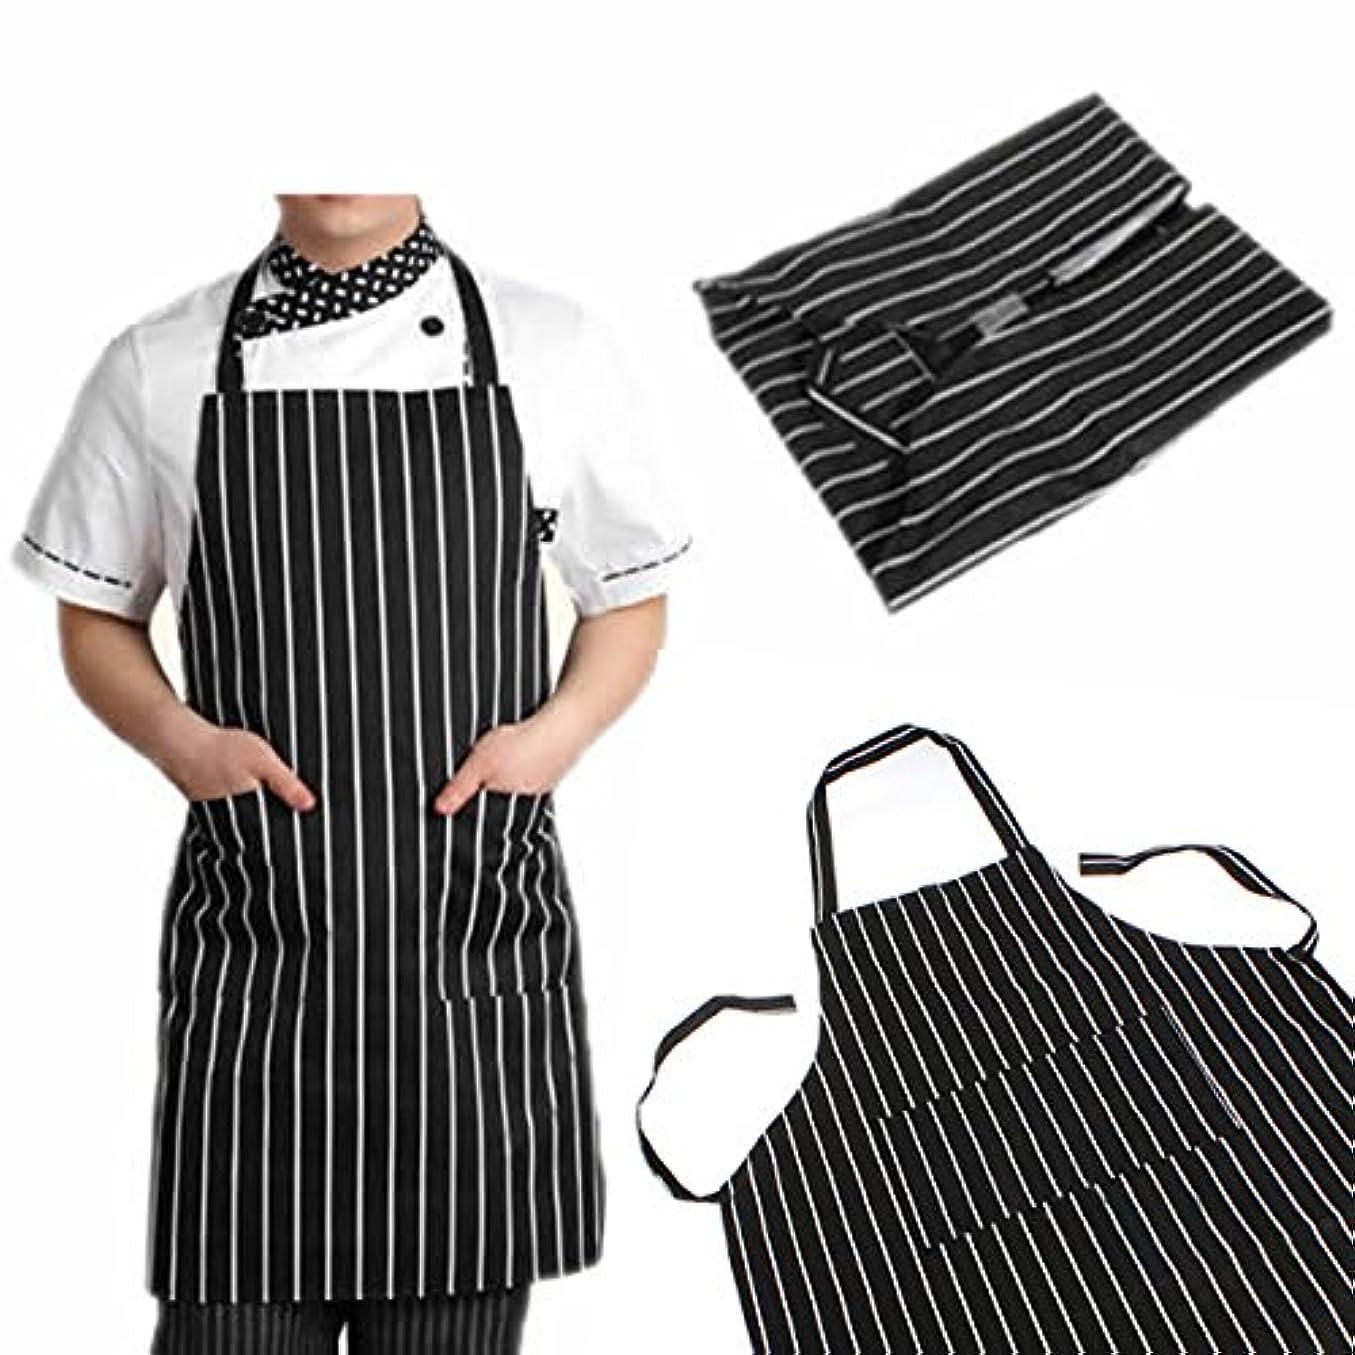 信頼性のある縁石健康的Auntwhale ブラックストライプビブエプロン 耐久性のある毎日 2つのポケット付き キッチン料理 調節可能な 大人